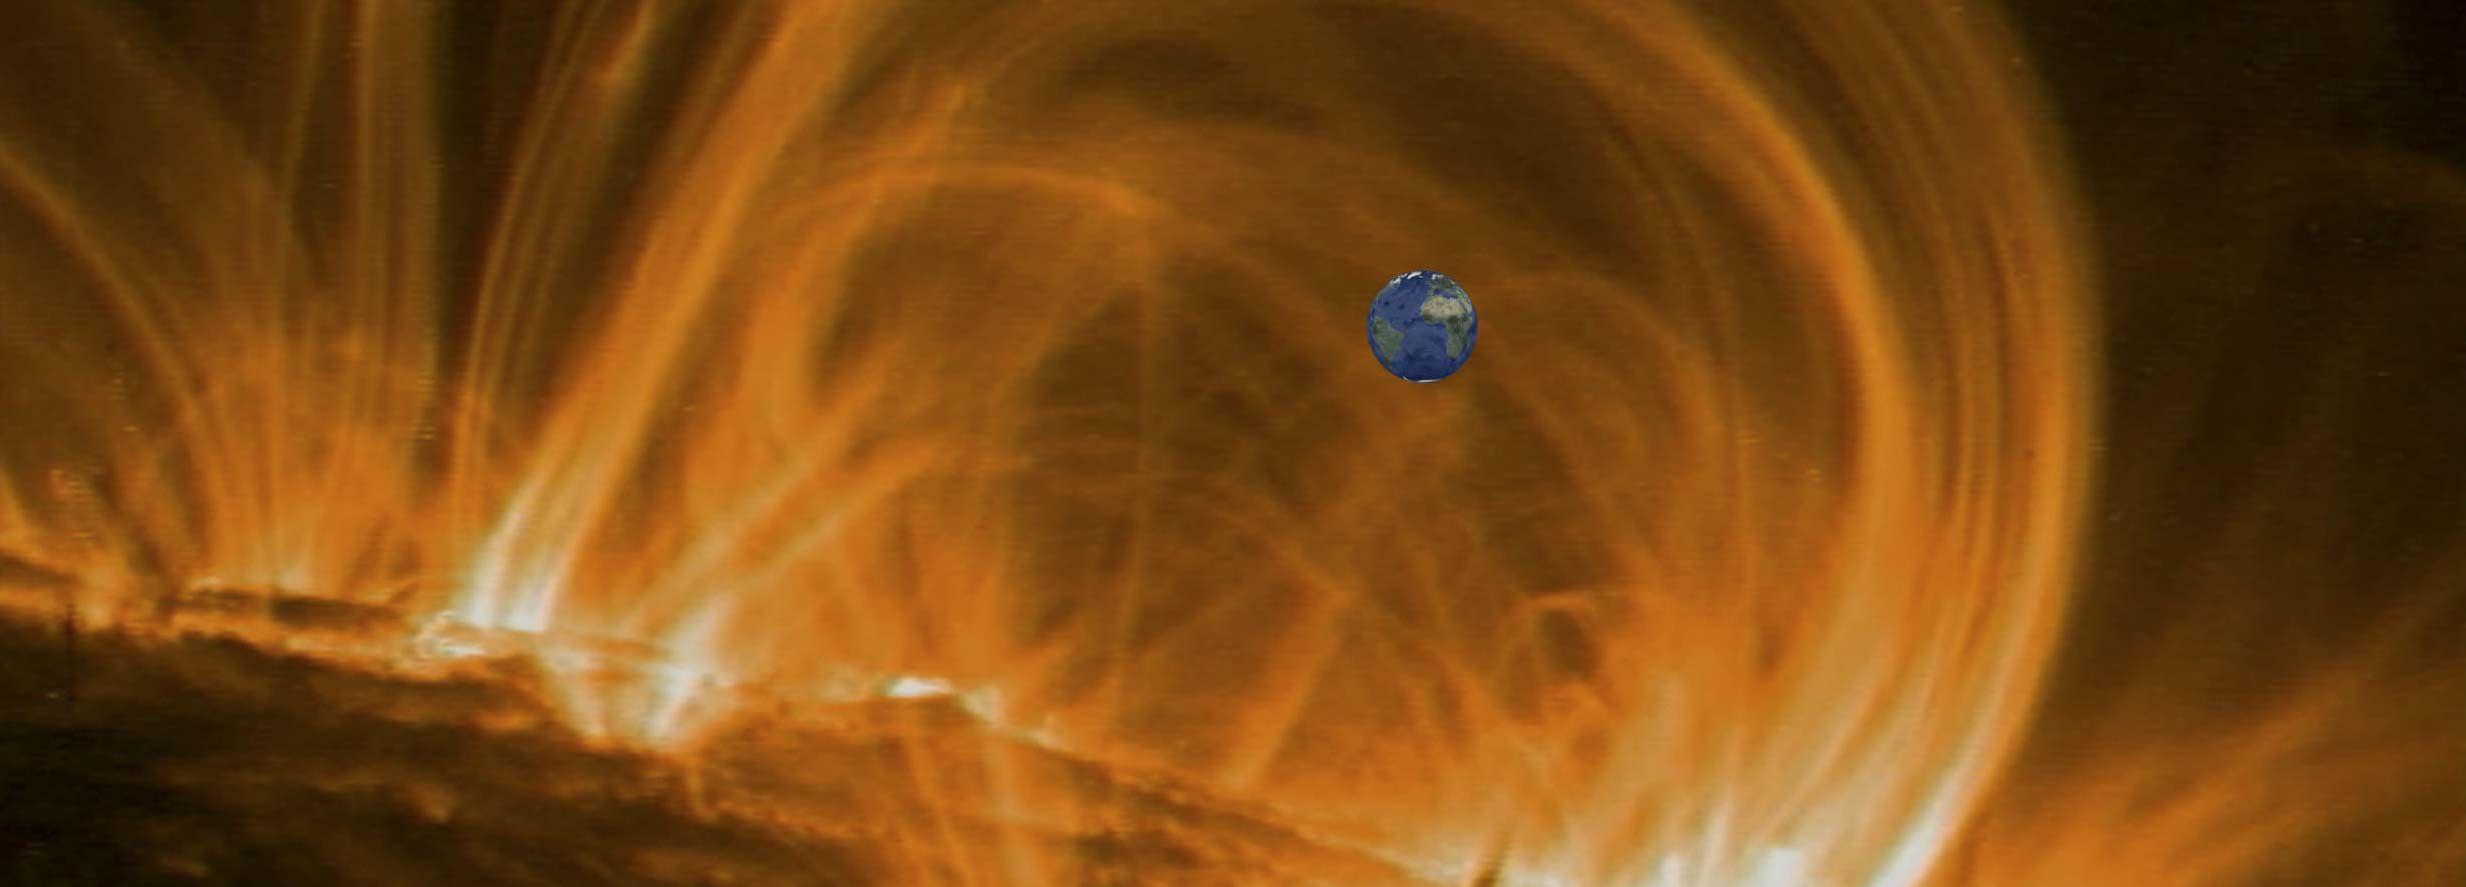 Tamaños del sol y la tierra